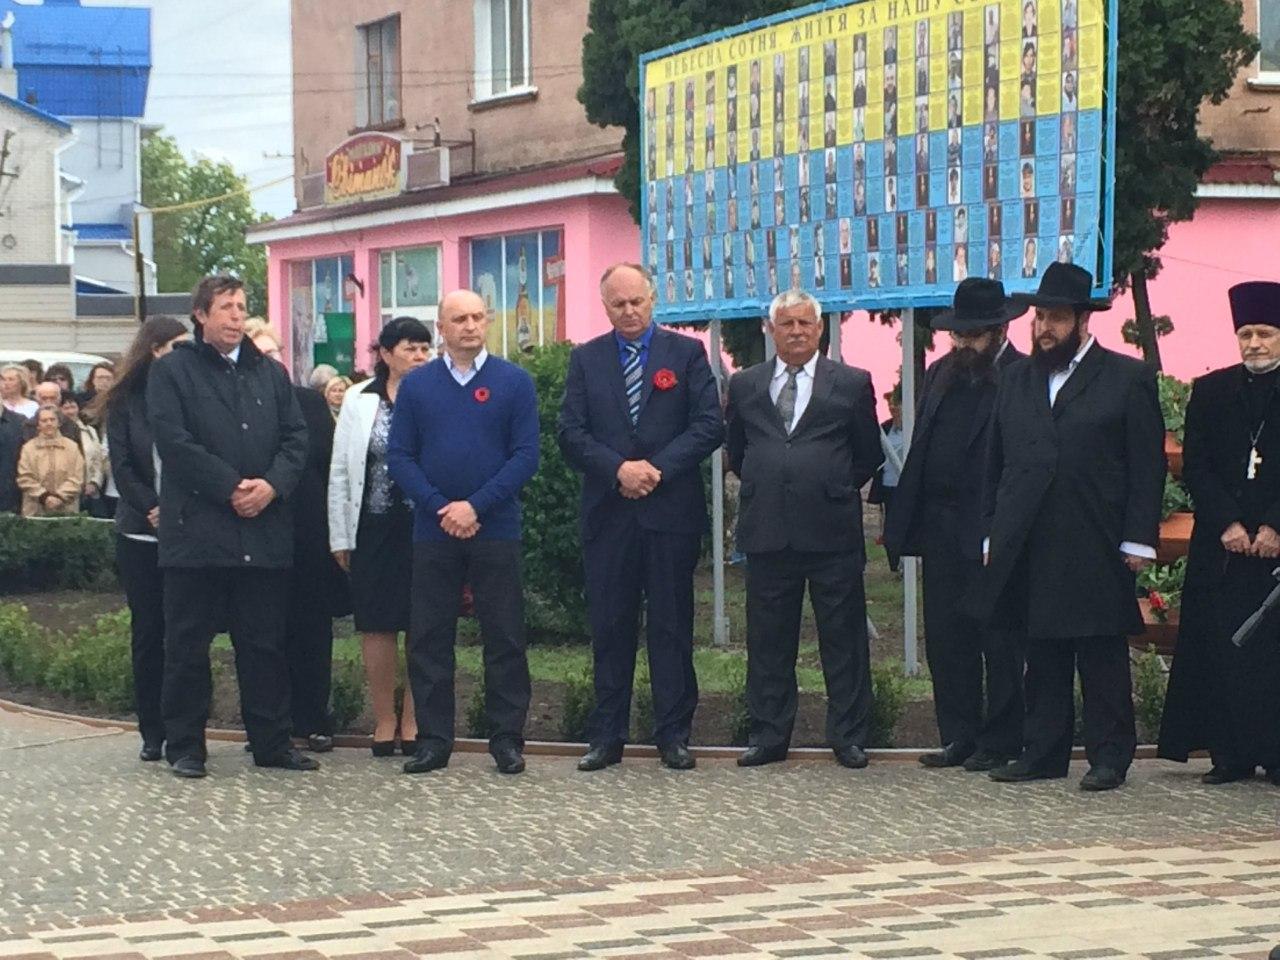 Бердичів, меморіал небесній сотній, меморіал героям україни, меморіал Слава Героям